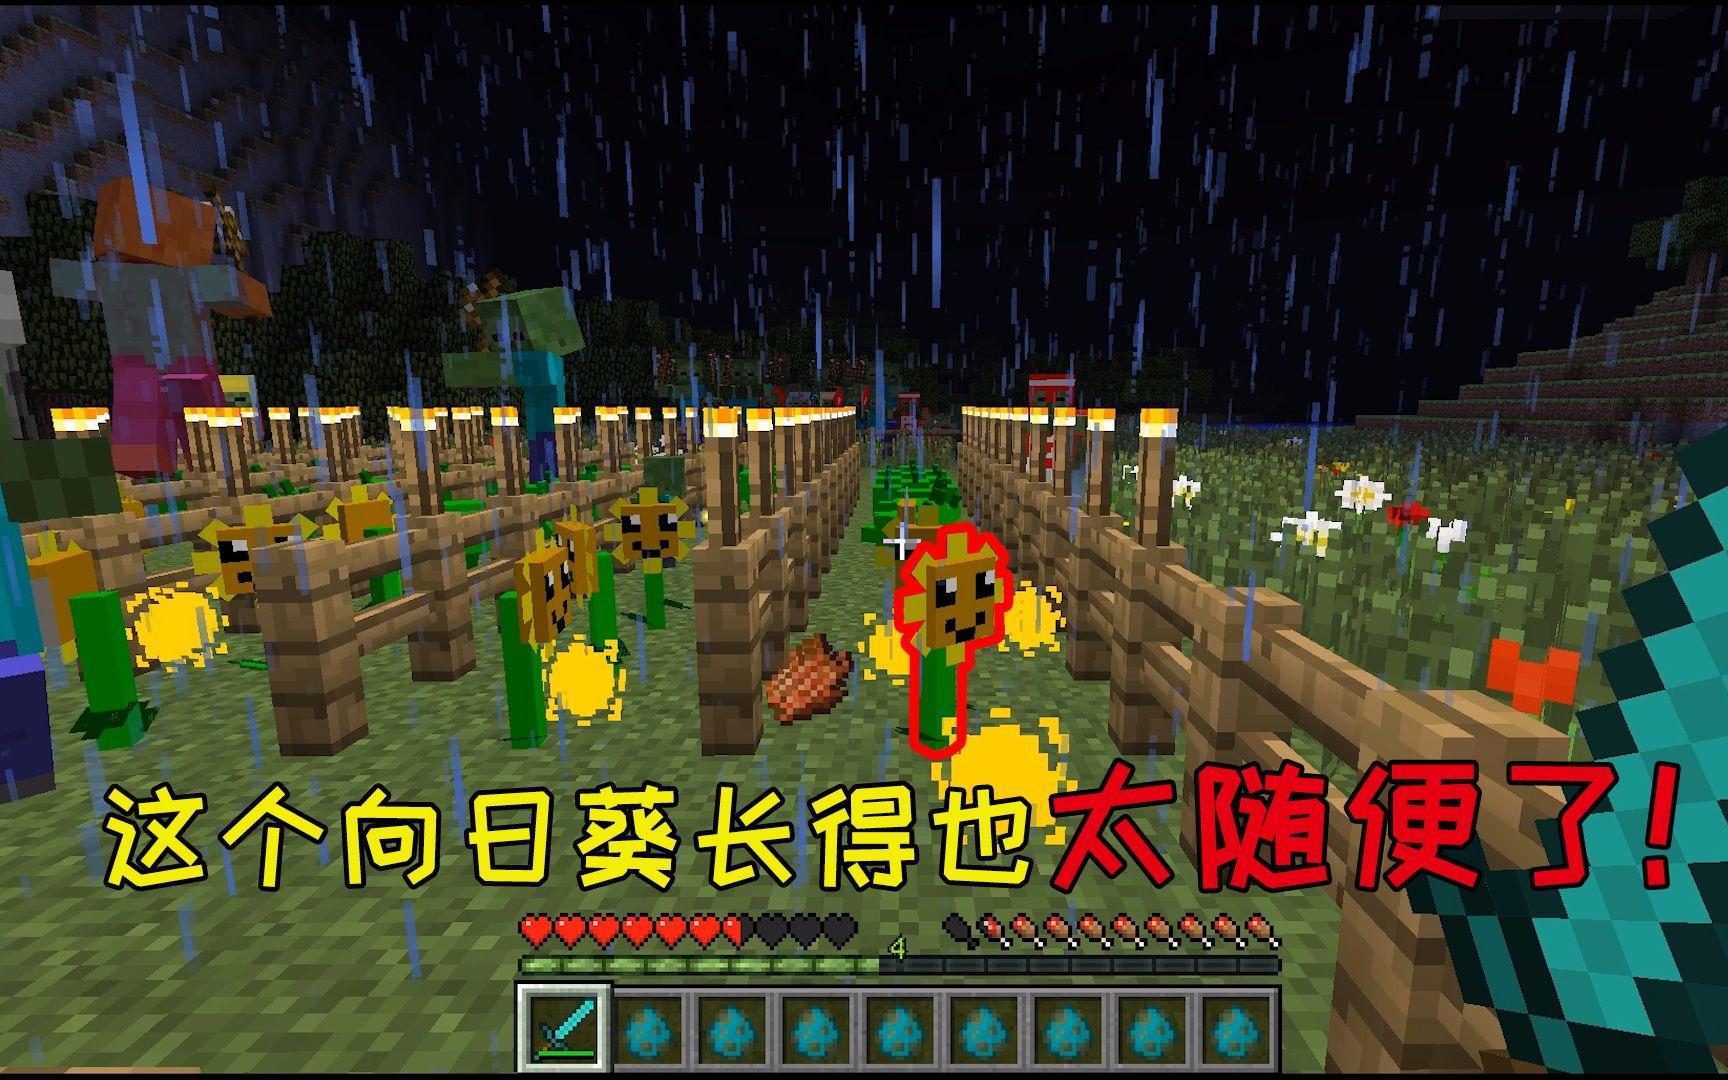 我的世界mod:MC版植物大战僵尸,这向日葵长得也太随便了吧